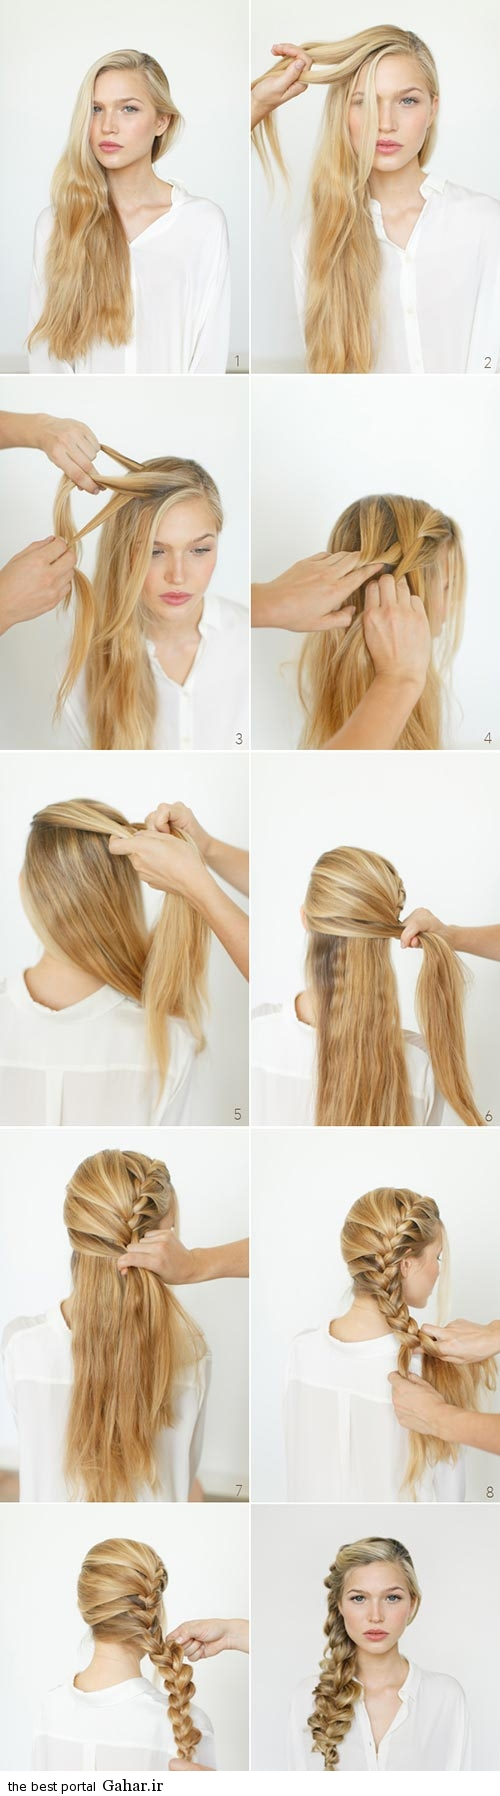 آموزش تصویری و گام به گام بافت موی بلند, جدید 1400 -گهر